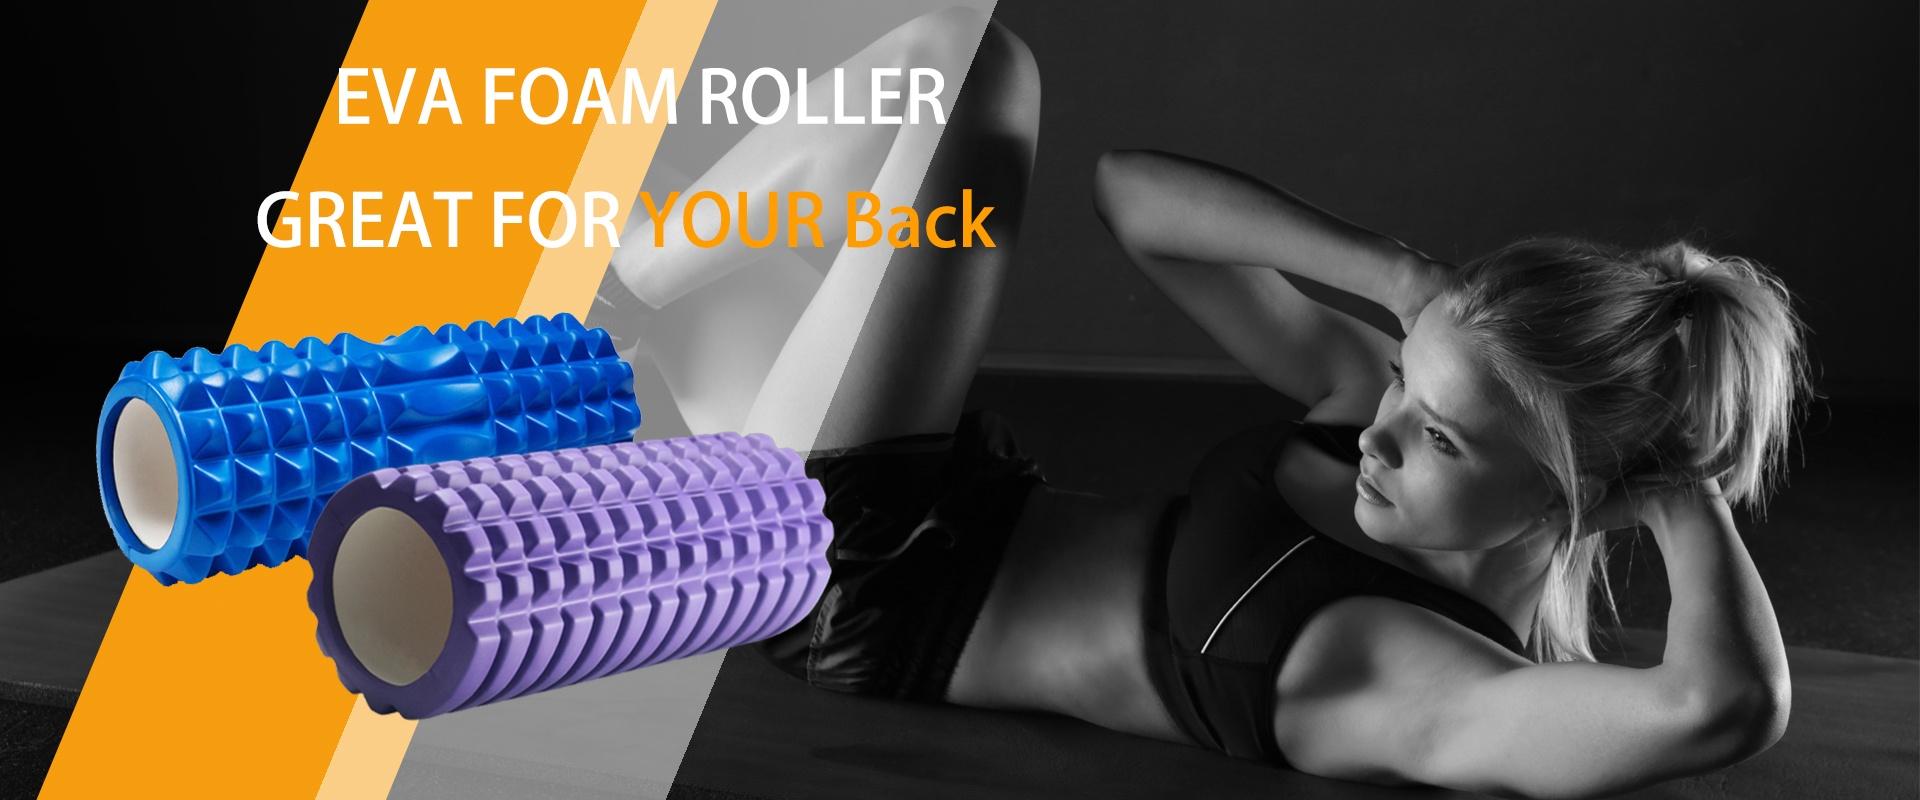 EVA yoga roller